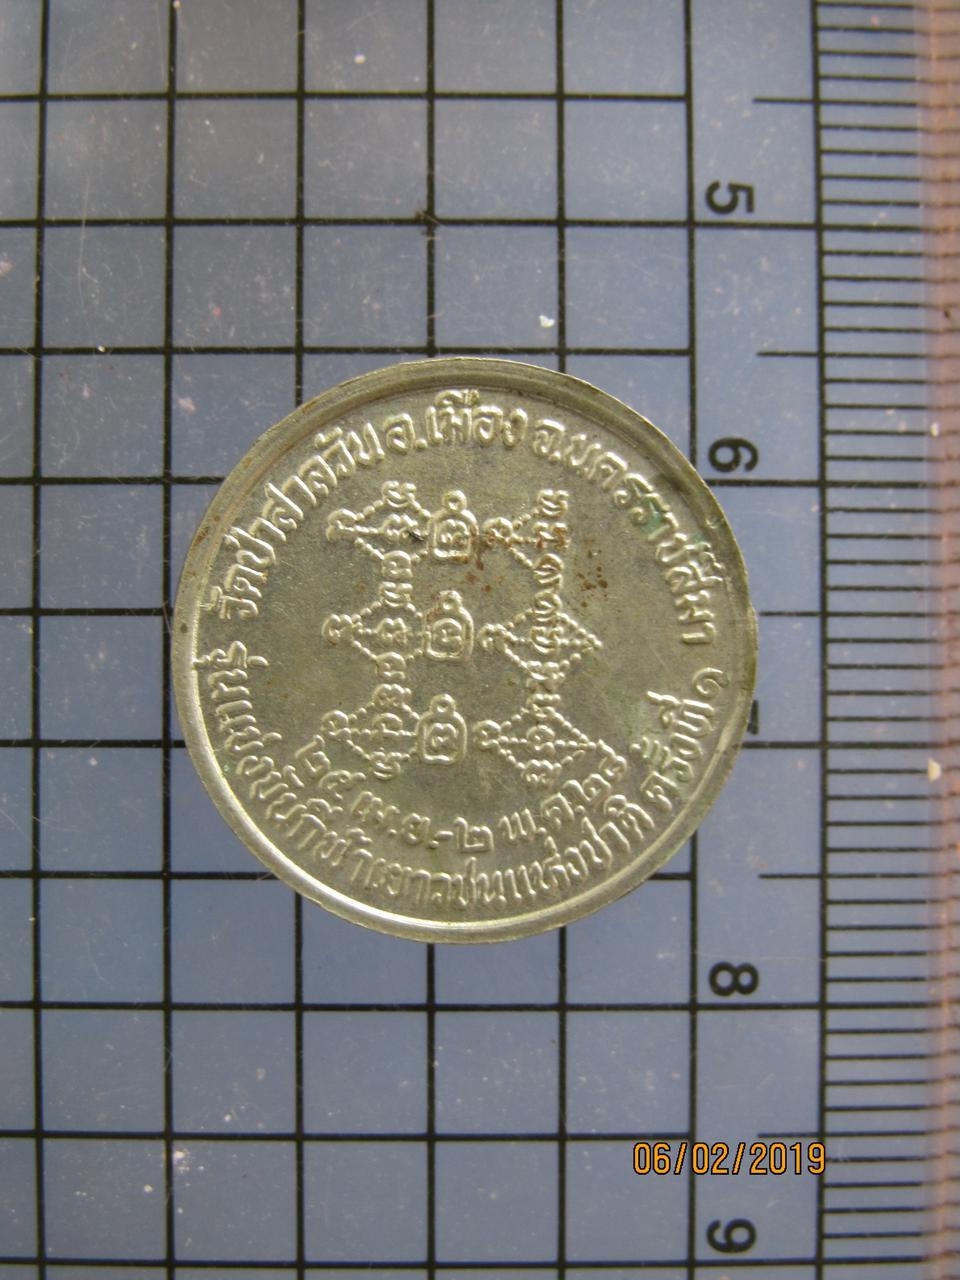 5251 เหรียญหลวงพ่อพุธ ฐานิโย วัดป่าสาลวัน ปี 2528 กีฬาเยาวชน รูปที่ 1